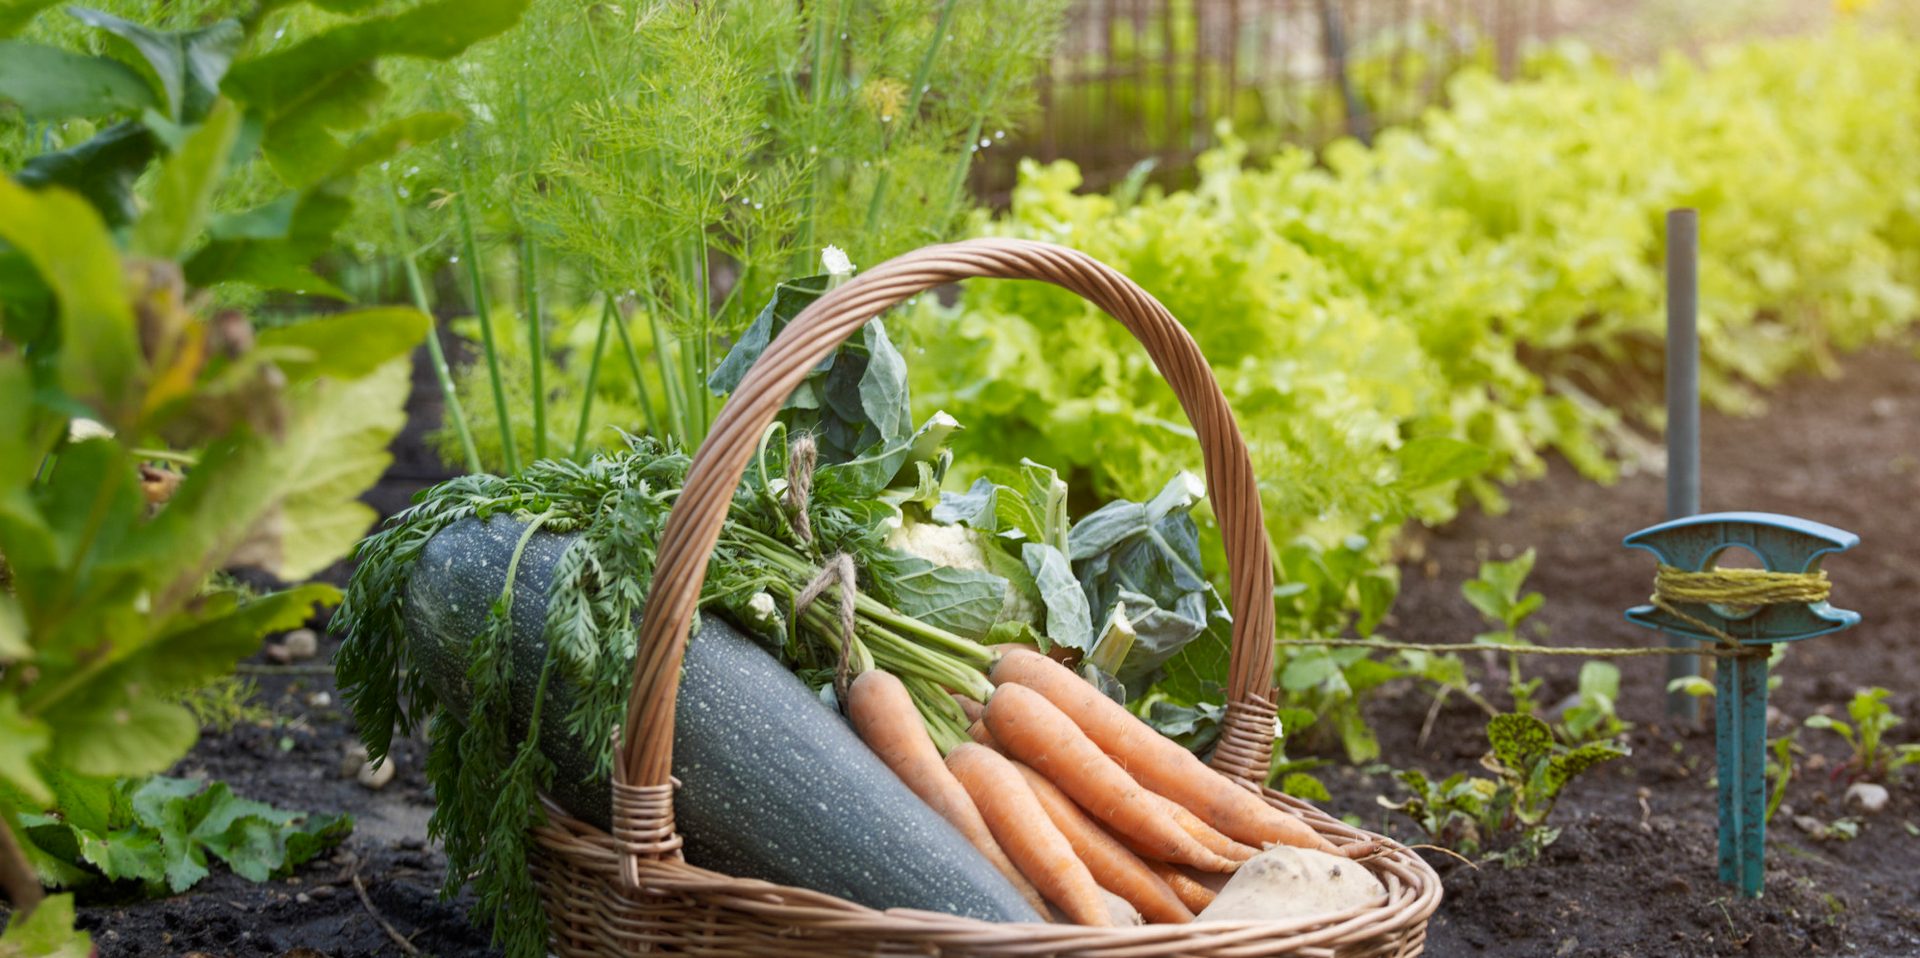 Carrots, zucchini, cauliflower out of a garden